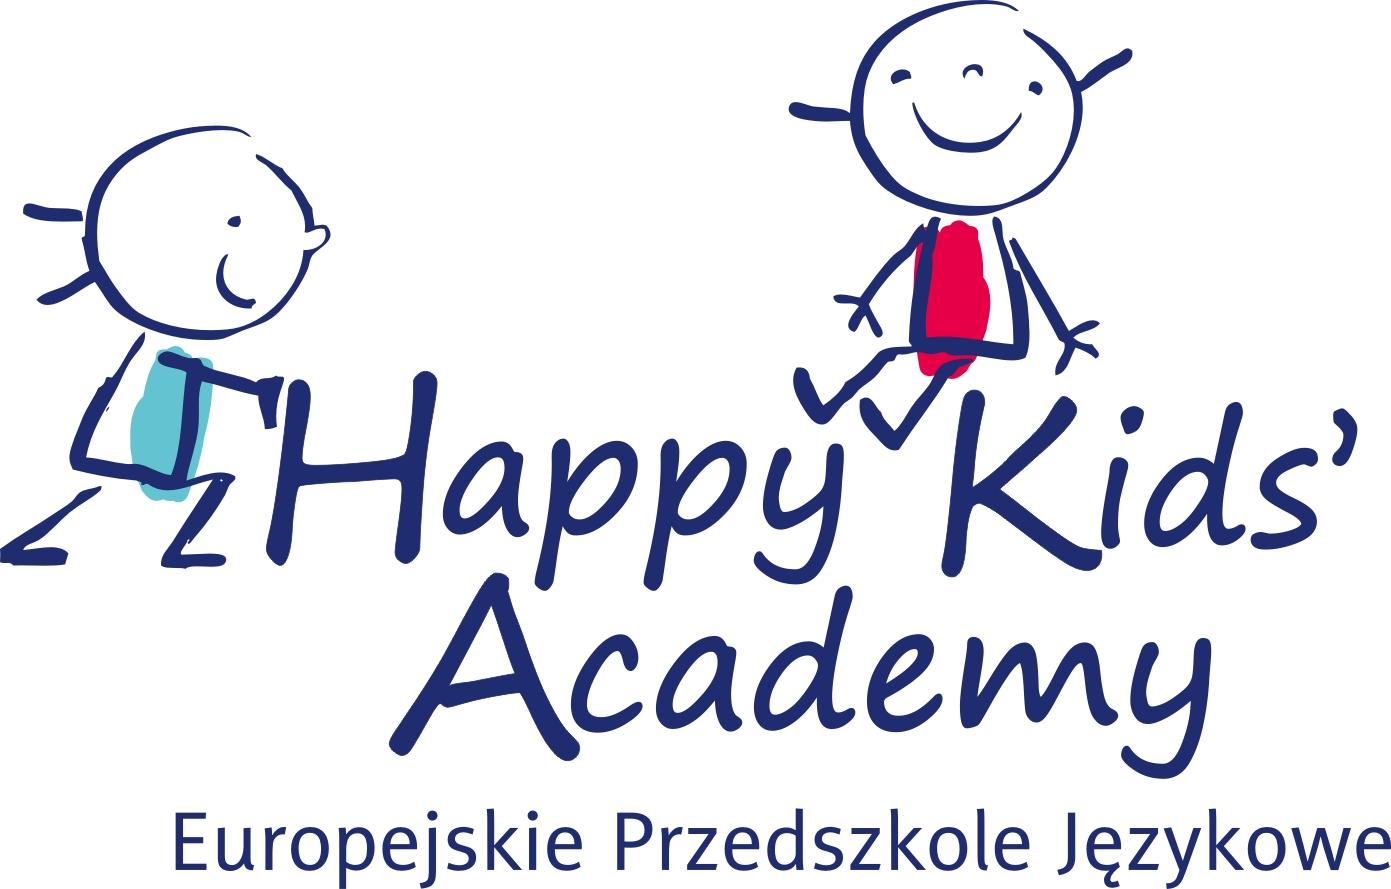 Happy Kids Akademy - Europejskie Przedszkole Językowe